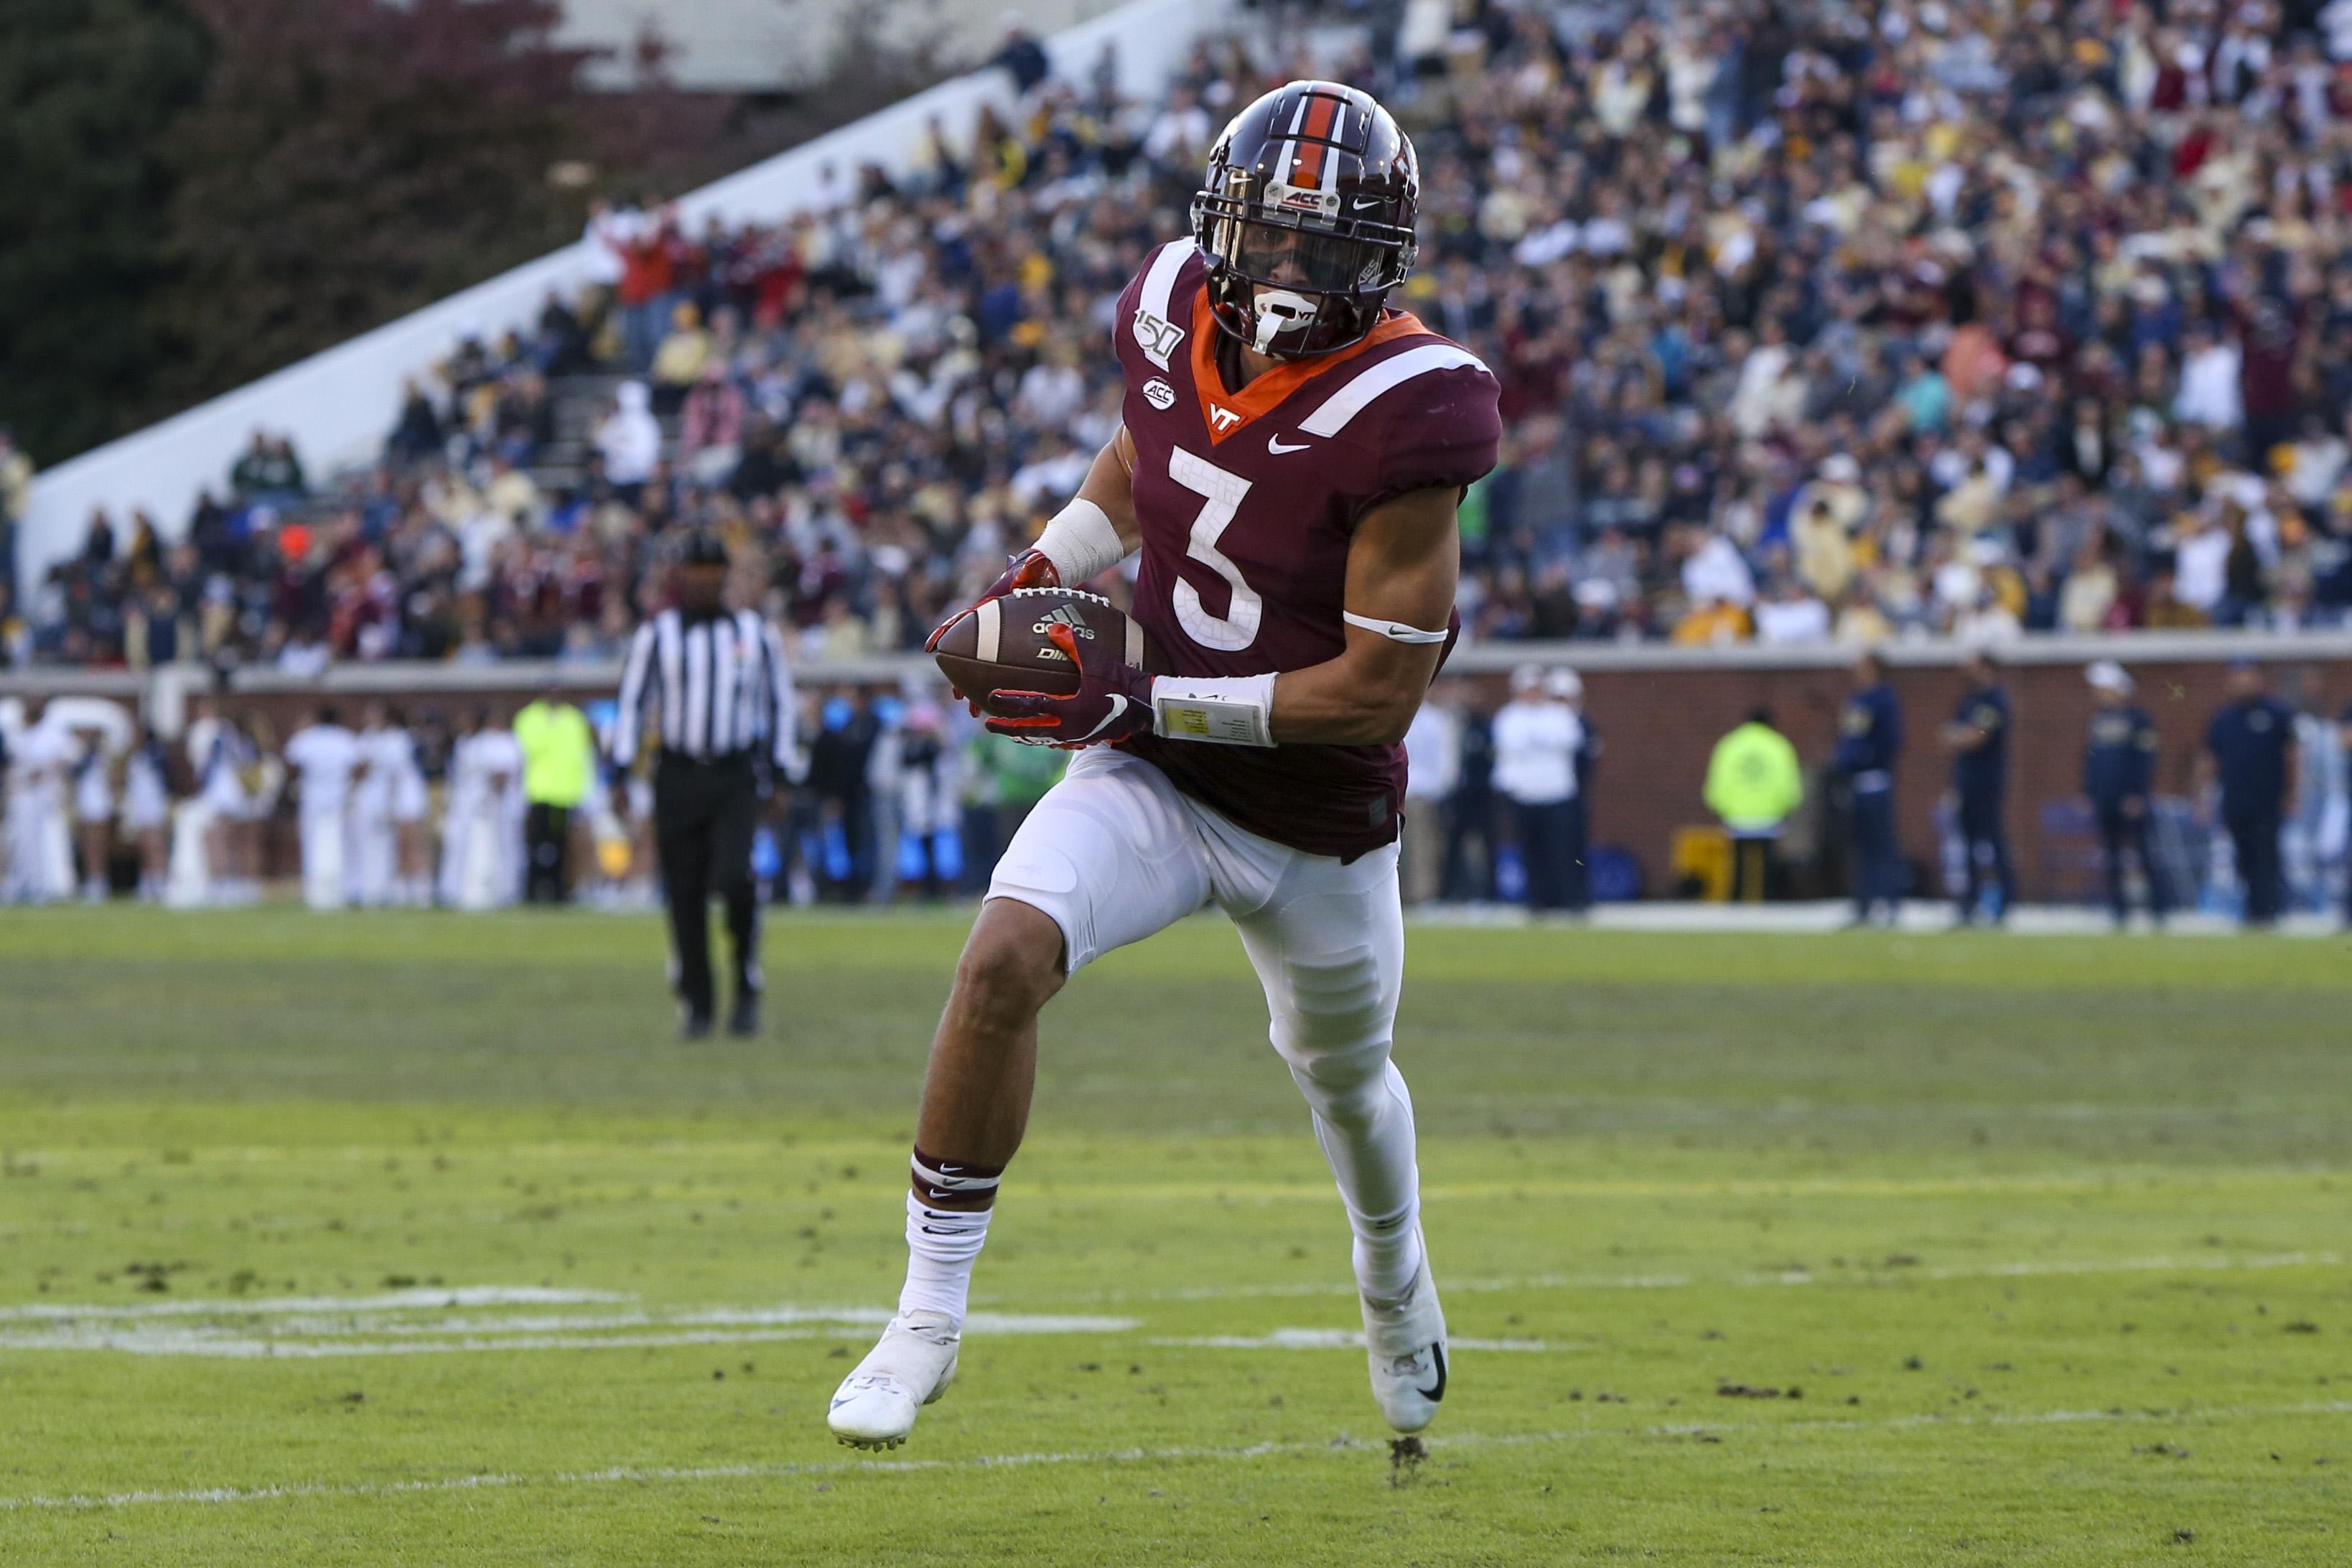 NCAA Football: Virginia Tech at Georgia Tech